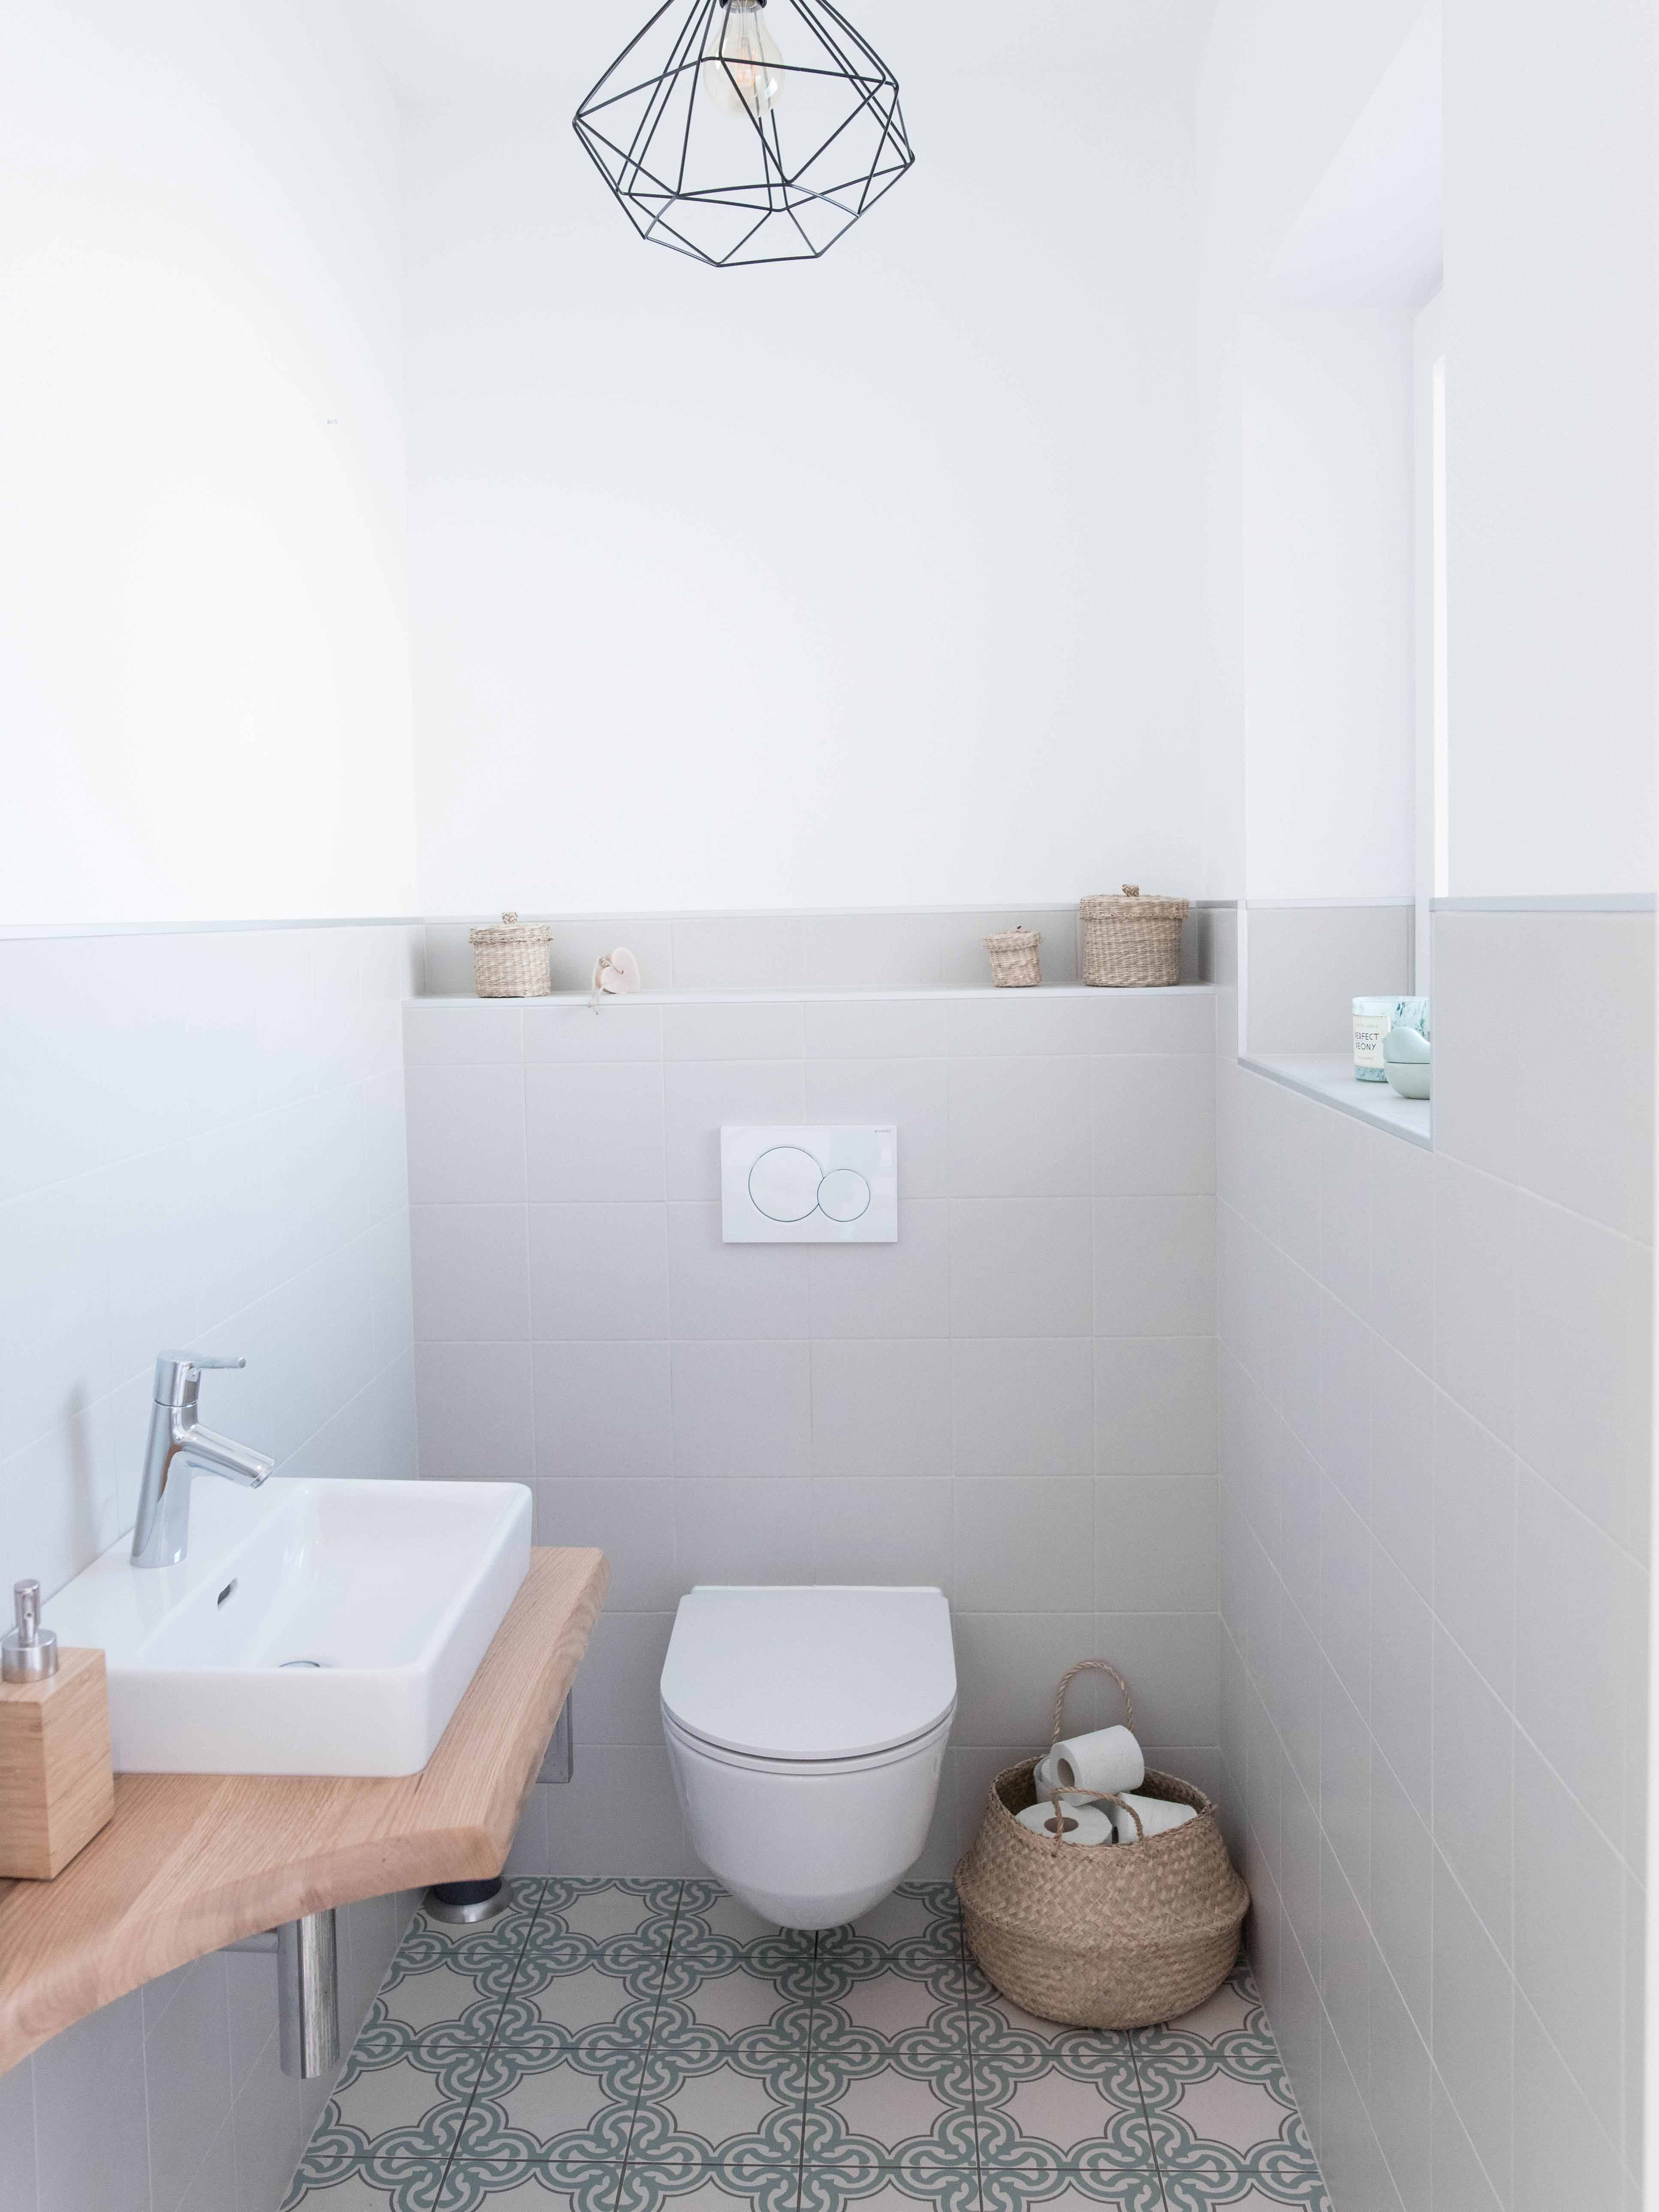 Inspirieren Lassen Auf Kleines Bad Dekorieren Wc Renovieren Badezimmer